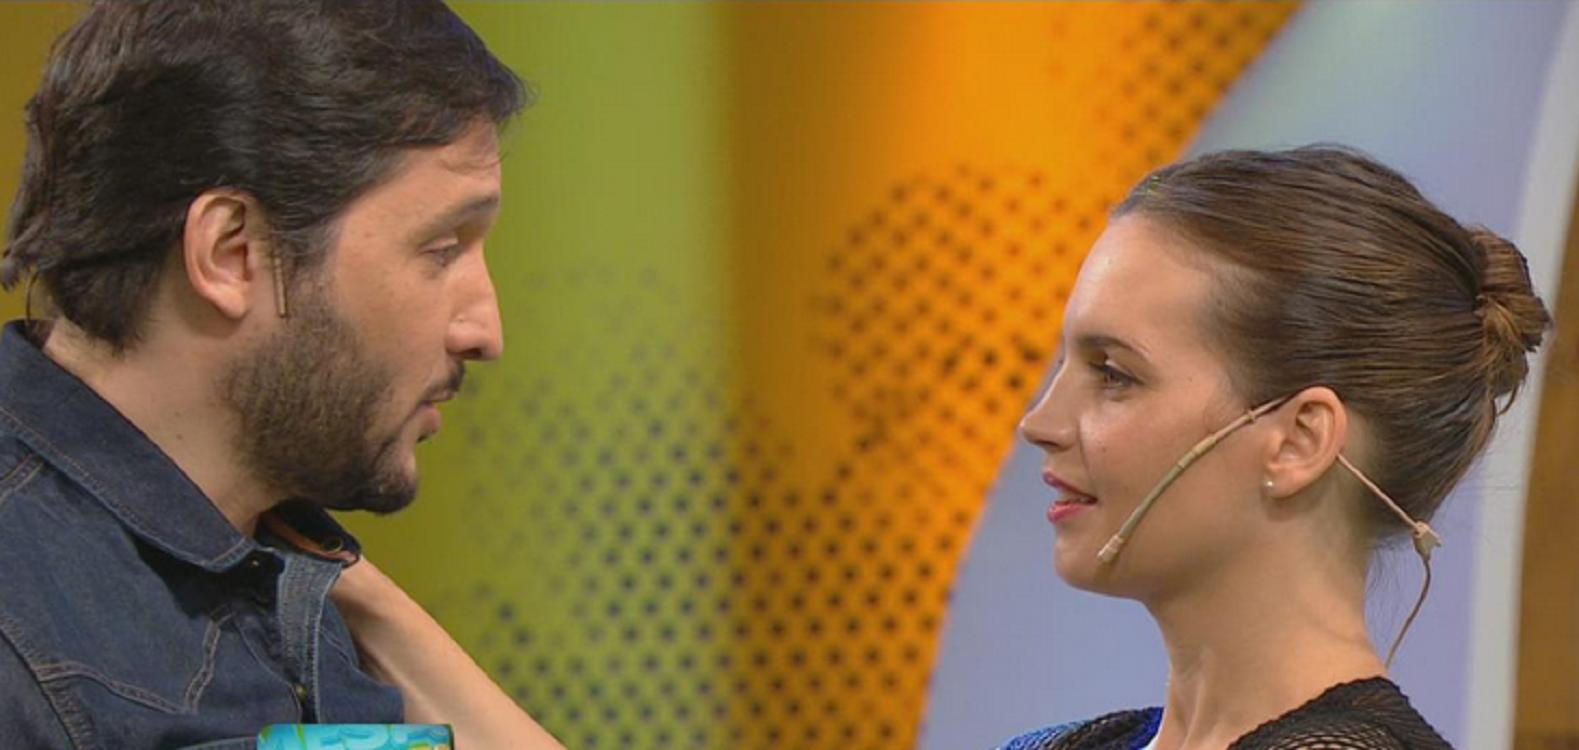 Divertido cruce entre Sabrina Garciarena y Germán Paoloski por la escena con Luciano Castro